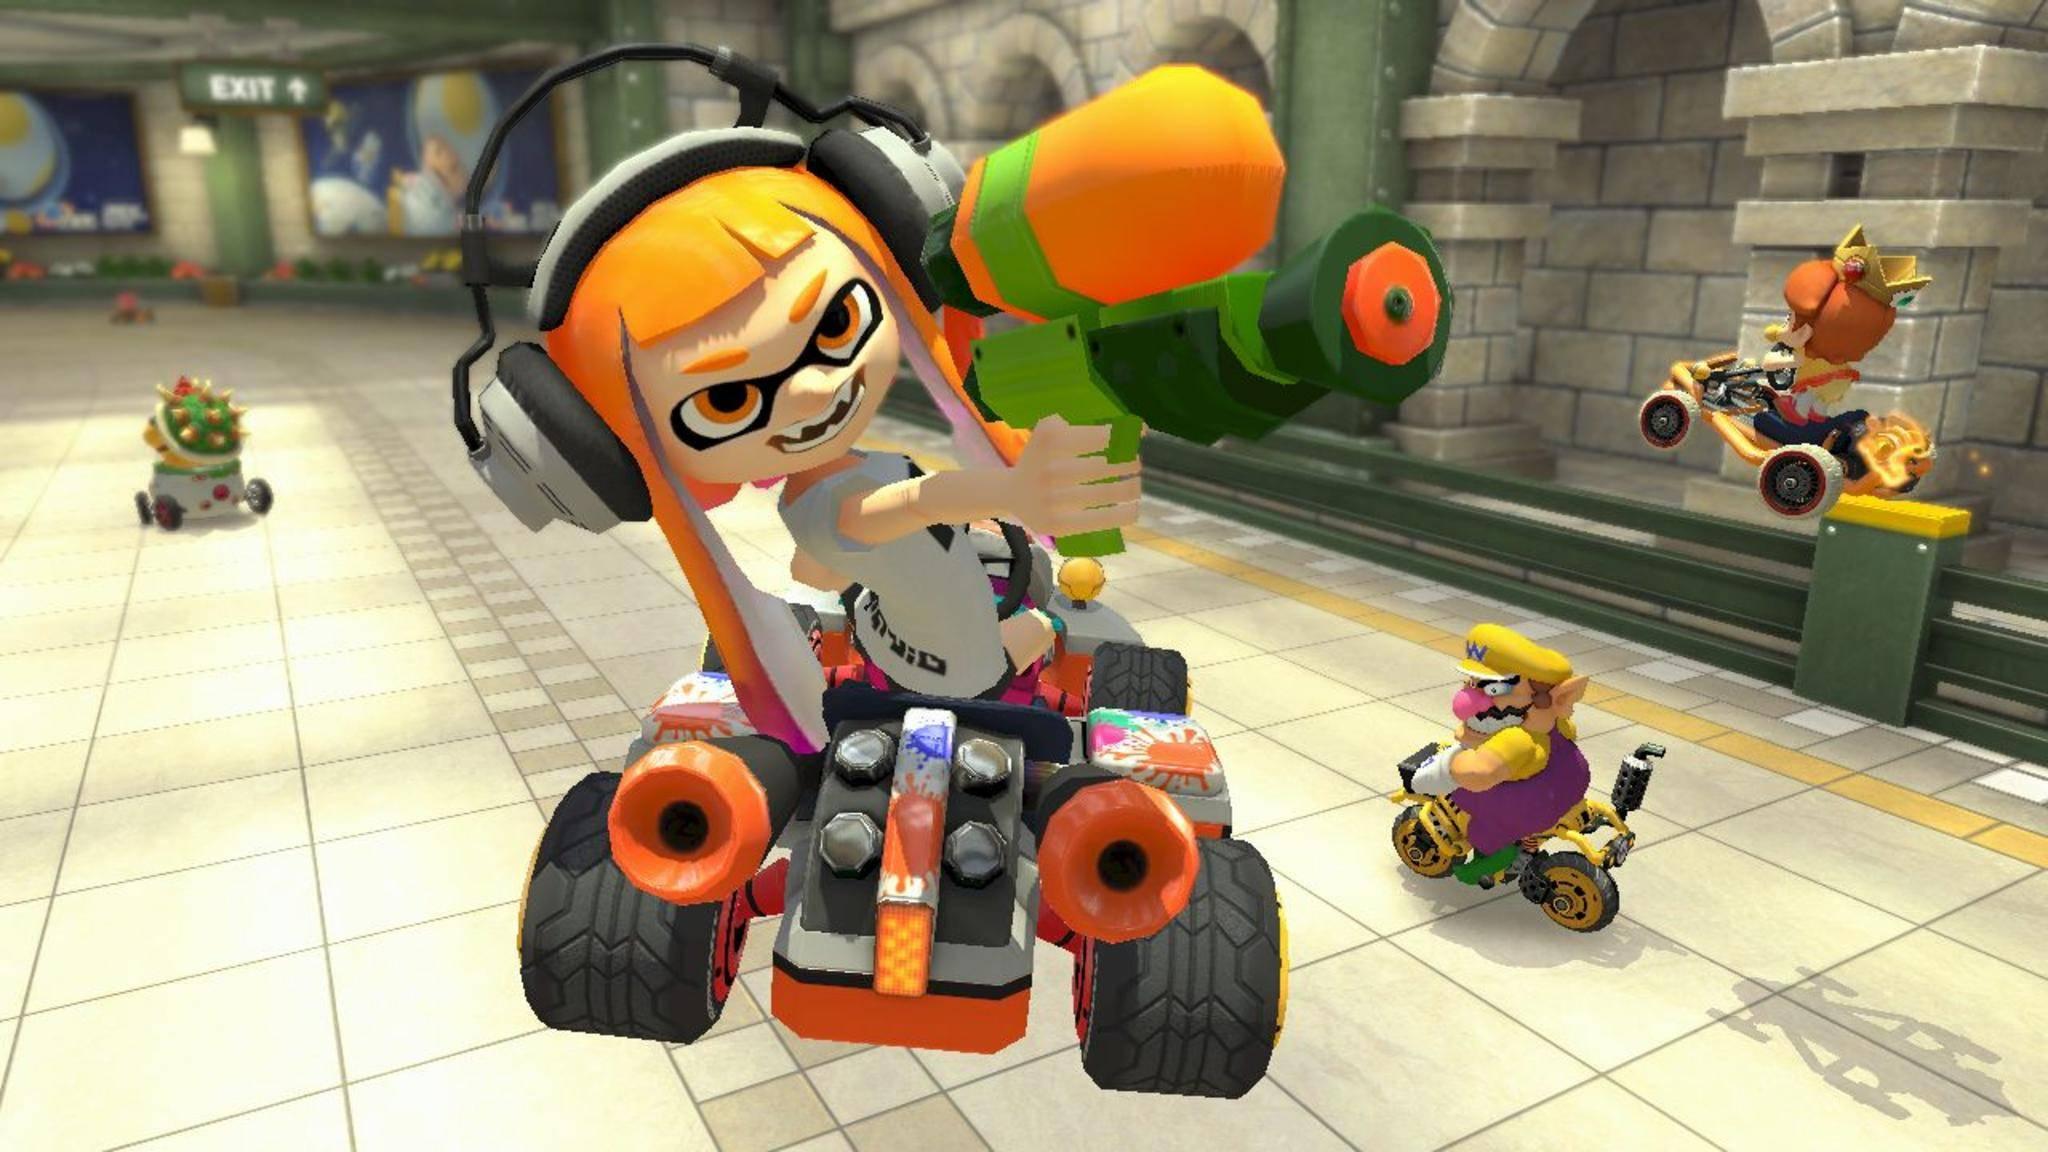 """Das Inkling-Mädchen ist ein neuer spielbarer Charakter in """"Mario Kart 8 Deluxe"""" für die Nintendo Switch."""